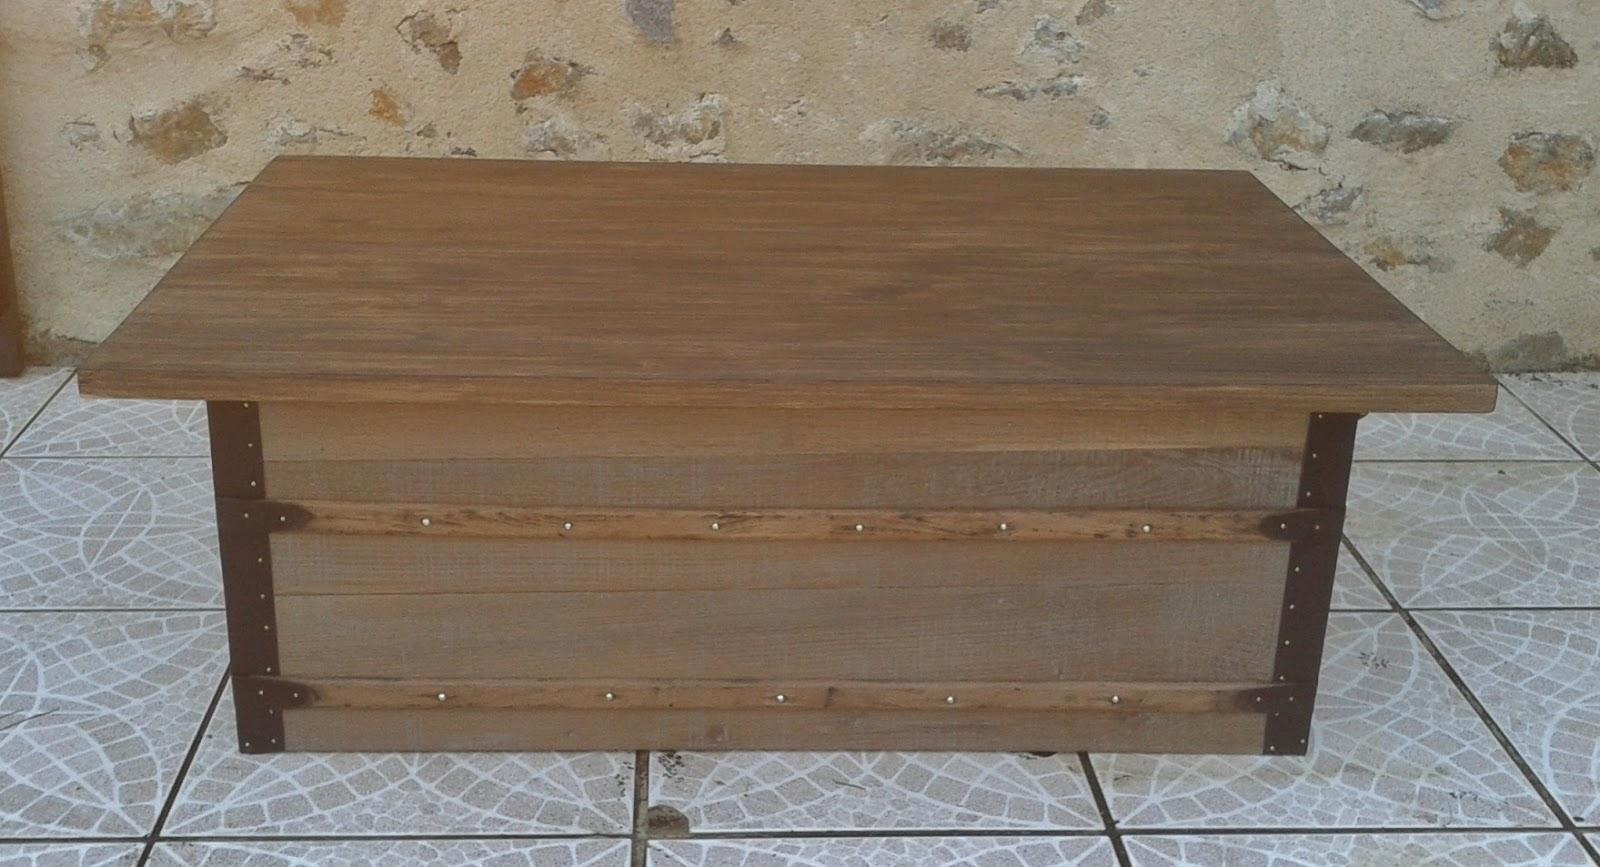 o 39 bois recycl table basse r alis e partir d 39 un. Black Bedroom Furniture Sets. Home Design Ideas